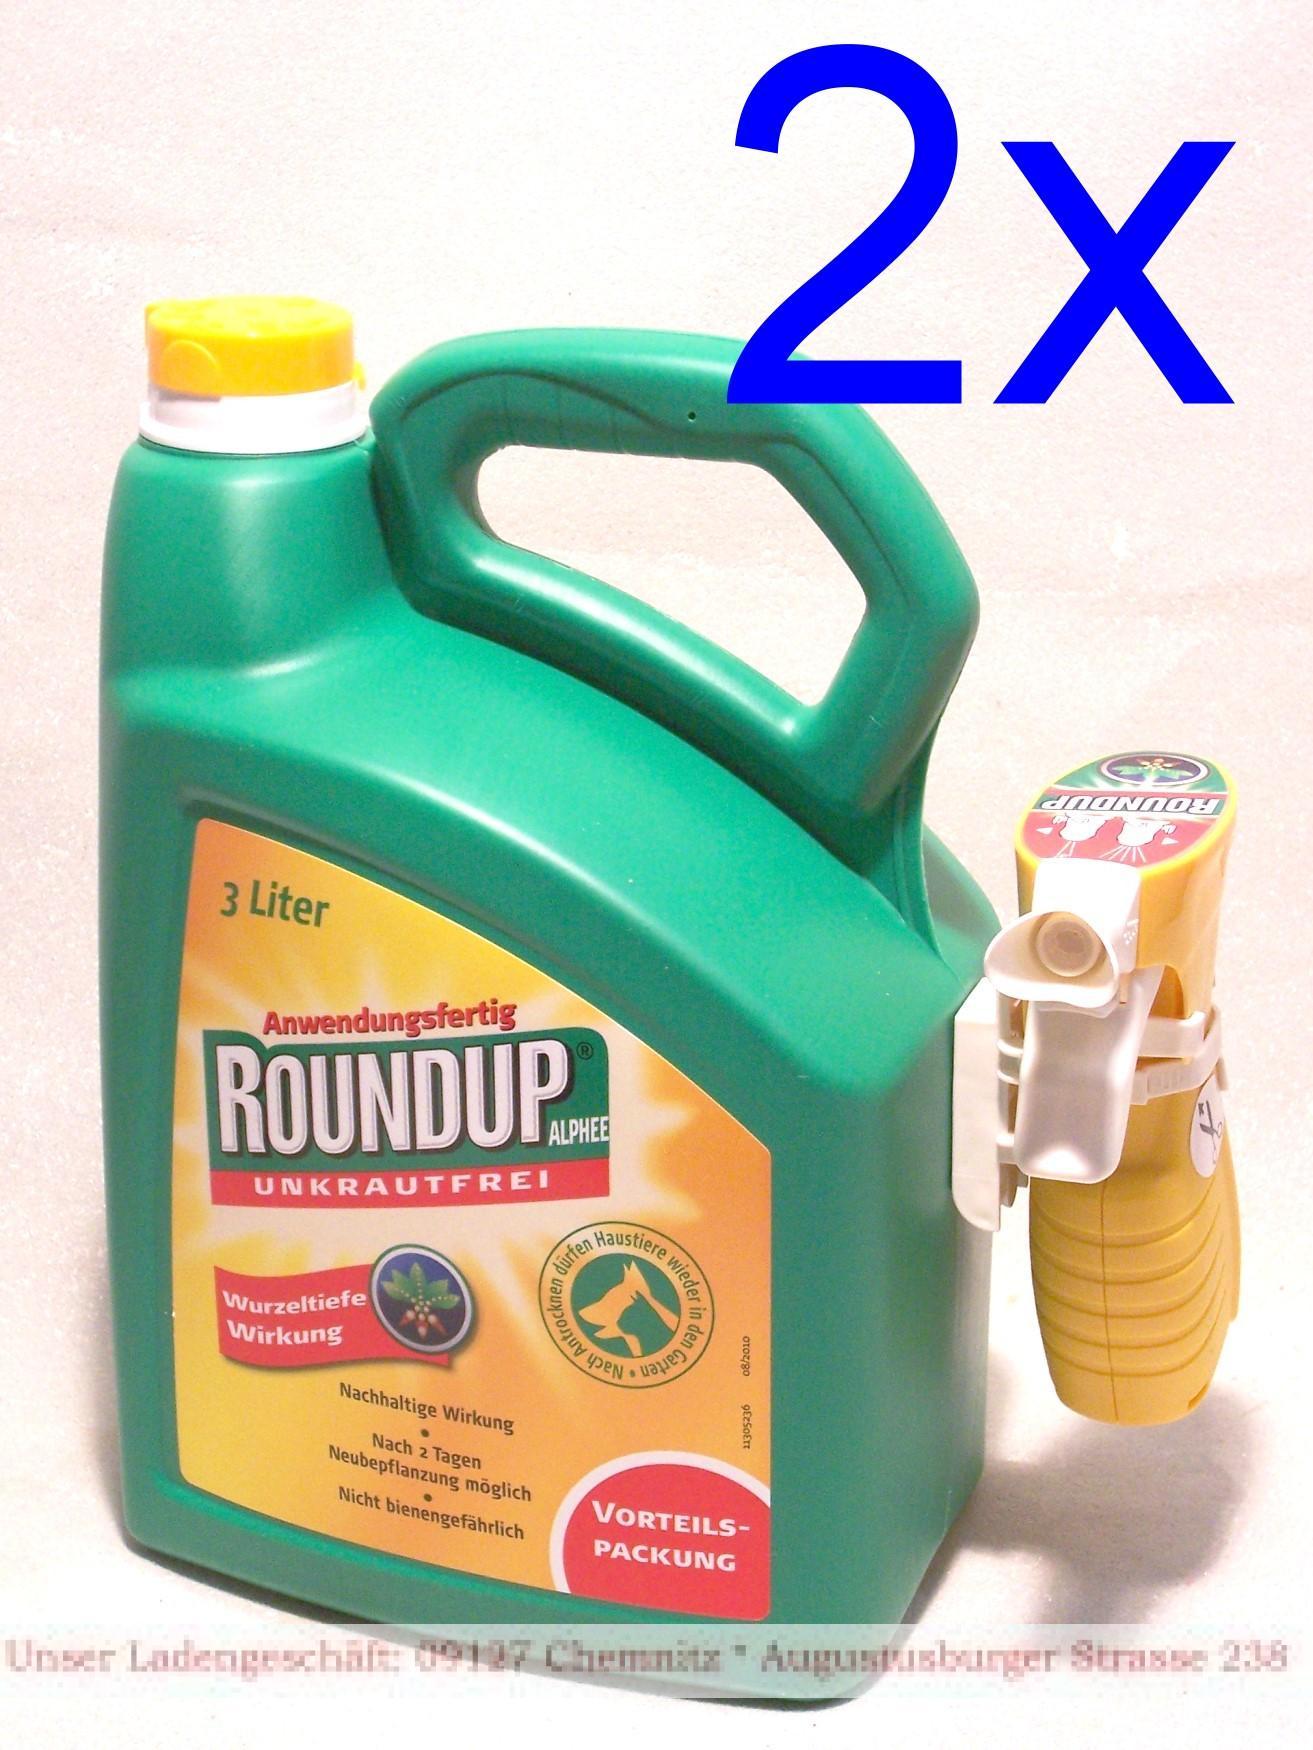 Roundup® Alphee Unkrautfrei 2x3 Liter Anwendungsfertiges ...